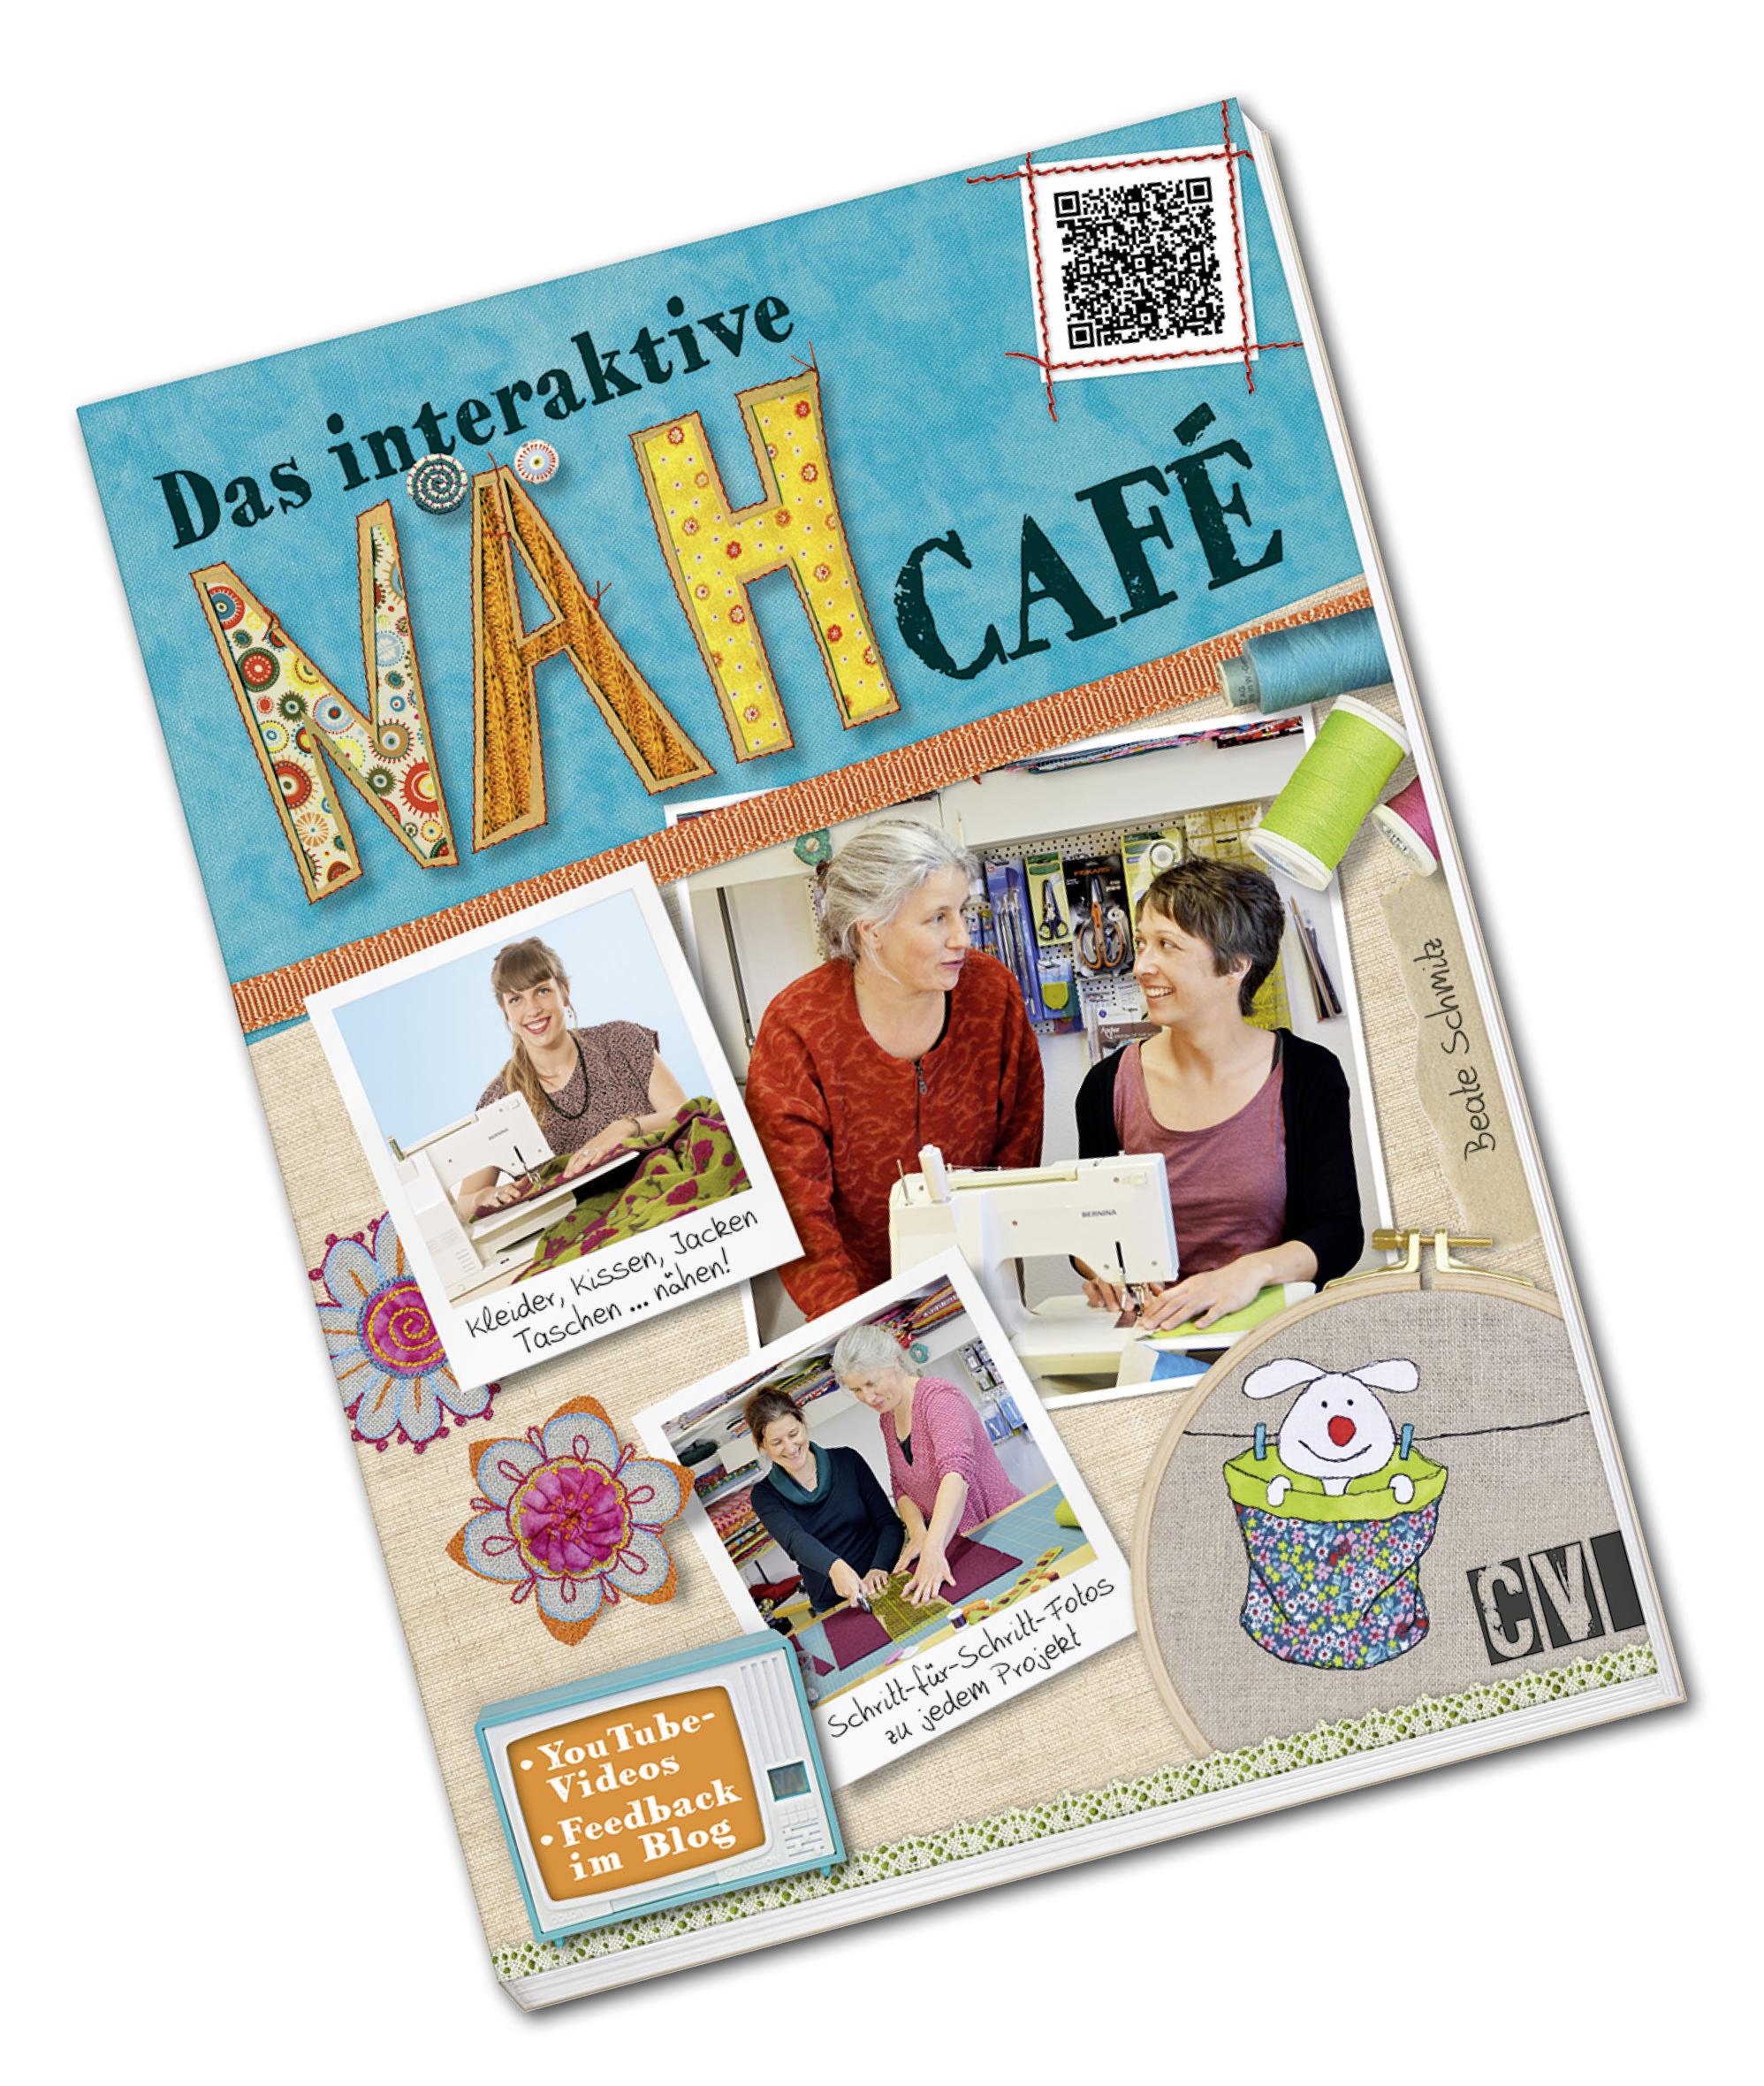 Das interaktive Nähcafé, Nähbuch, Nähanleitungen für Einsteiger und Fortgeschrittene, originalgroße Schnittmuster